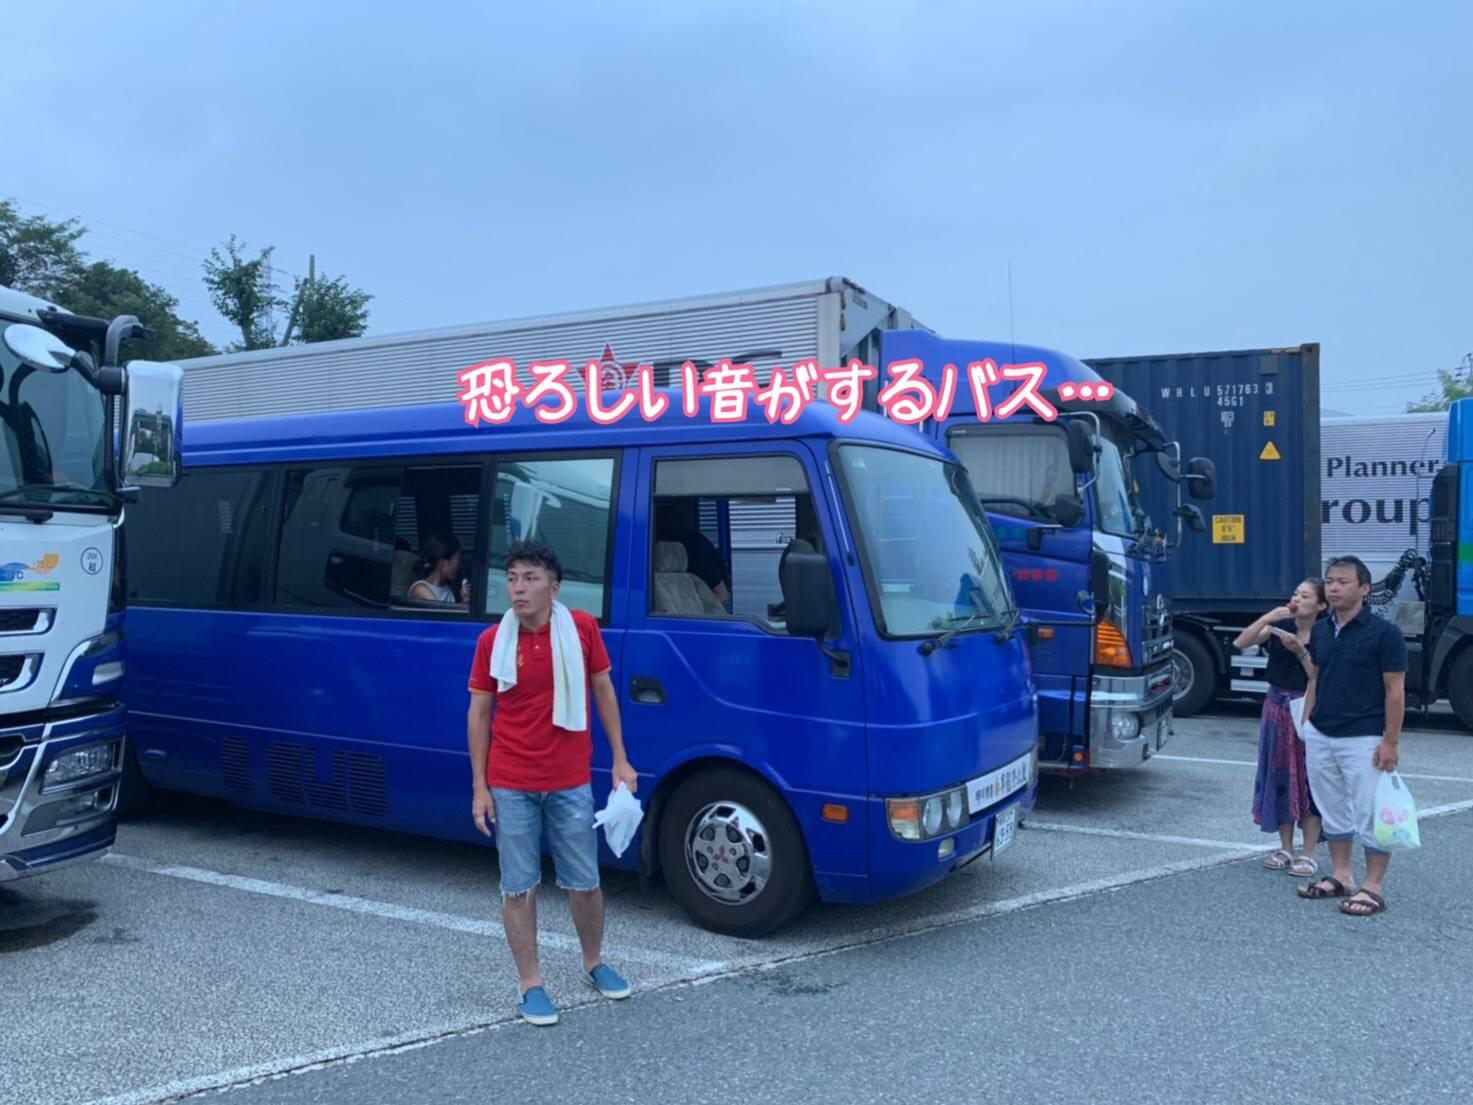 昇龍バスに異変が!?